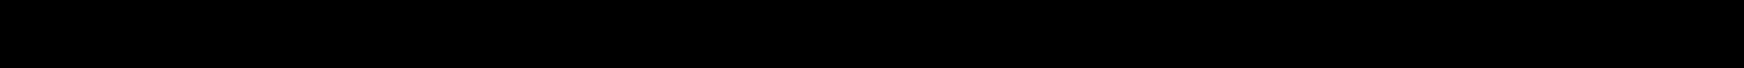 MetaPro-NormIta.otf